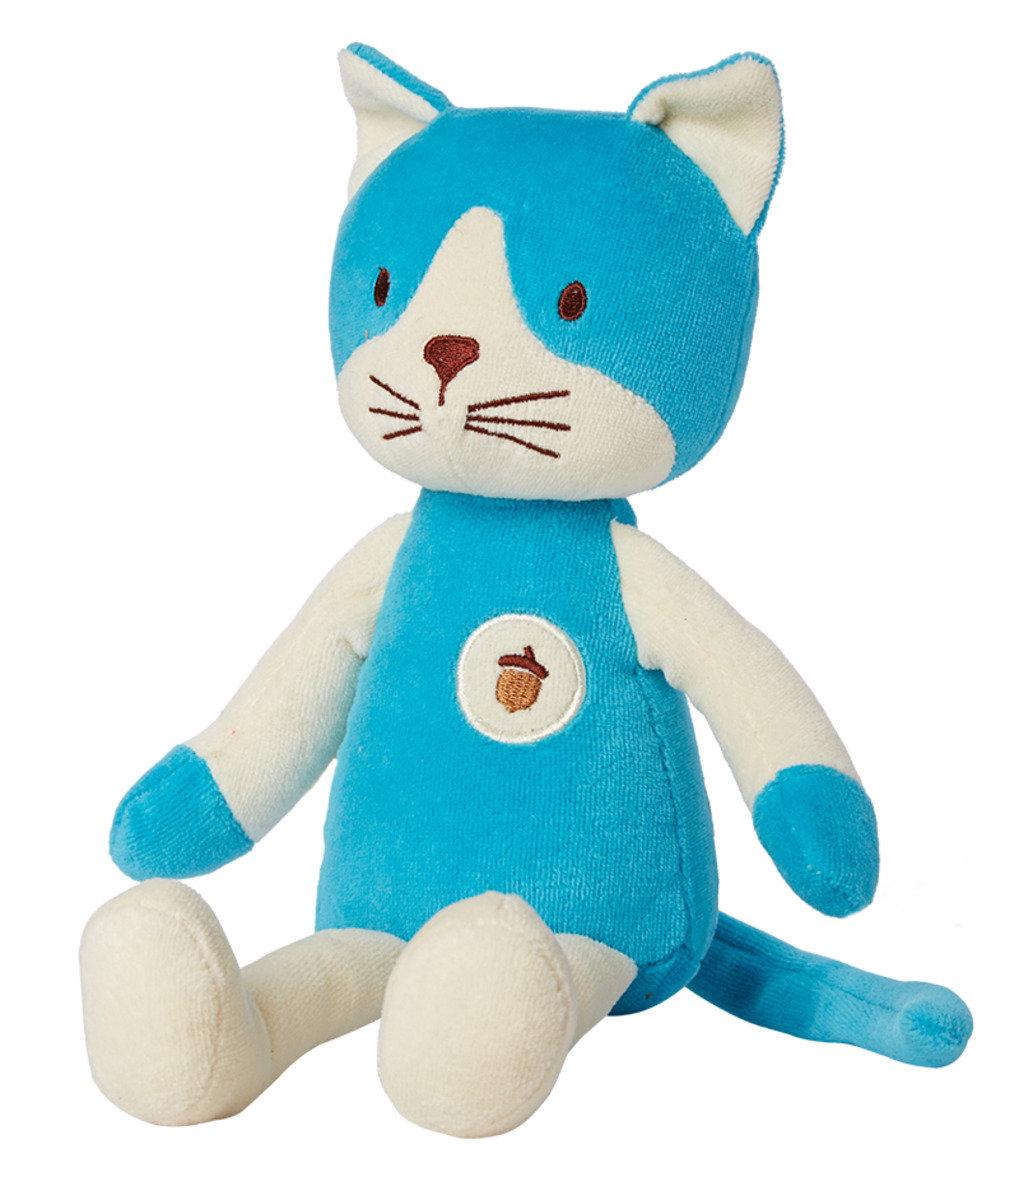 美國紐約My Natural™Plush Collection天然有機棉公仔 - 藍色小貓